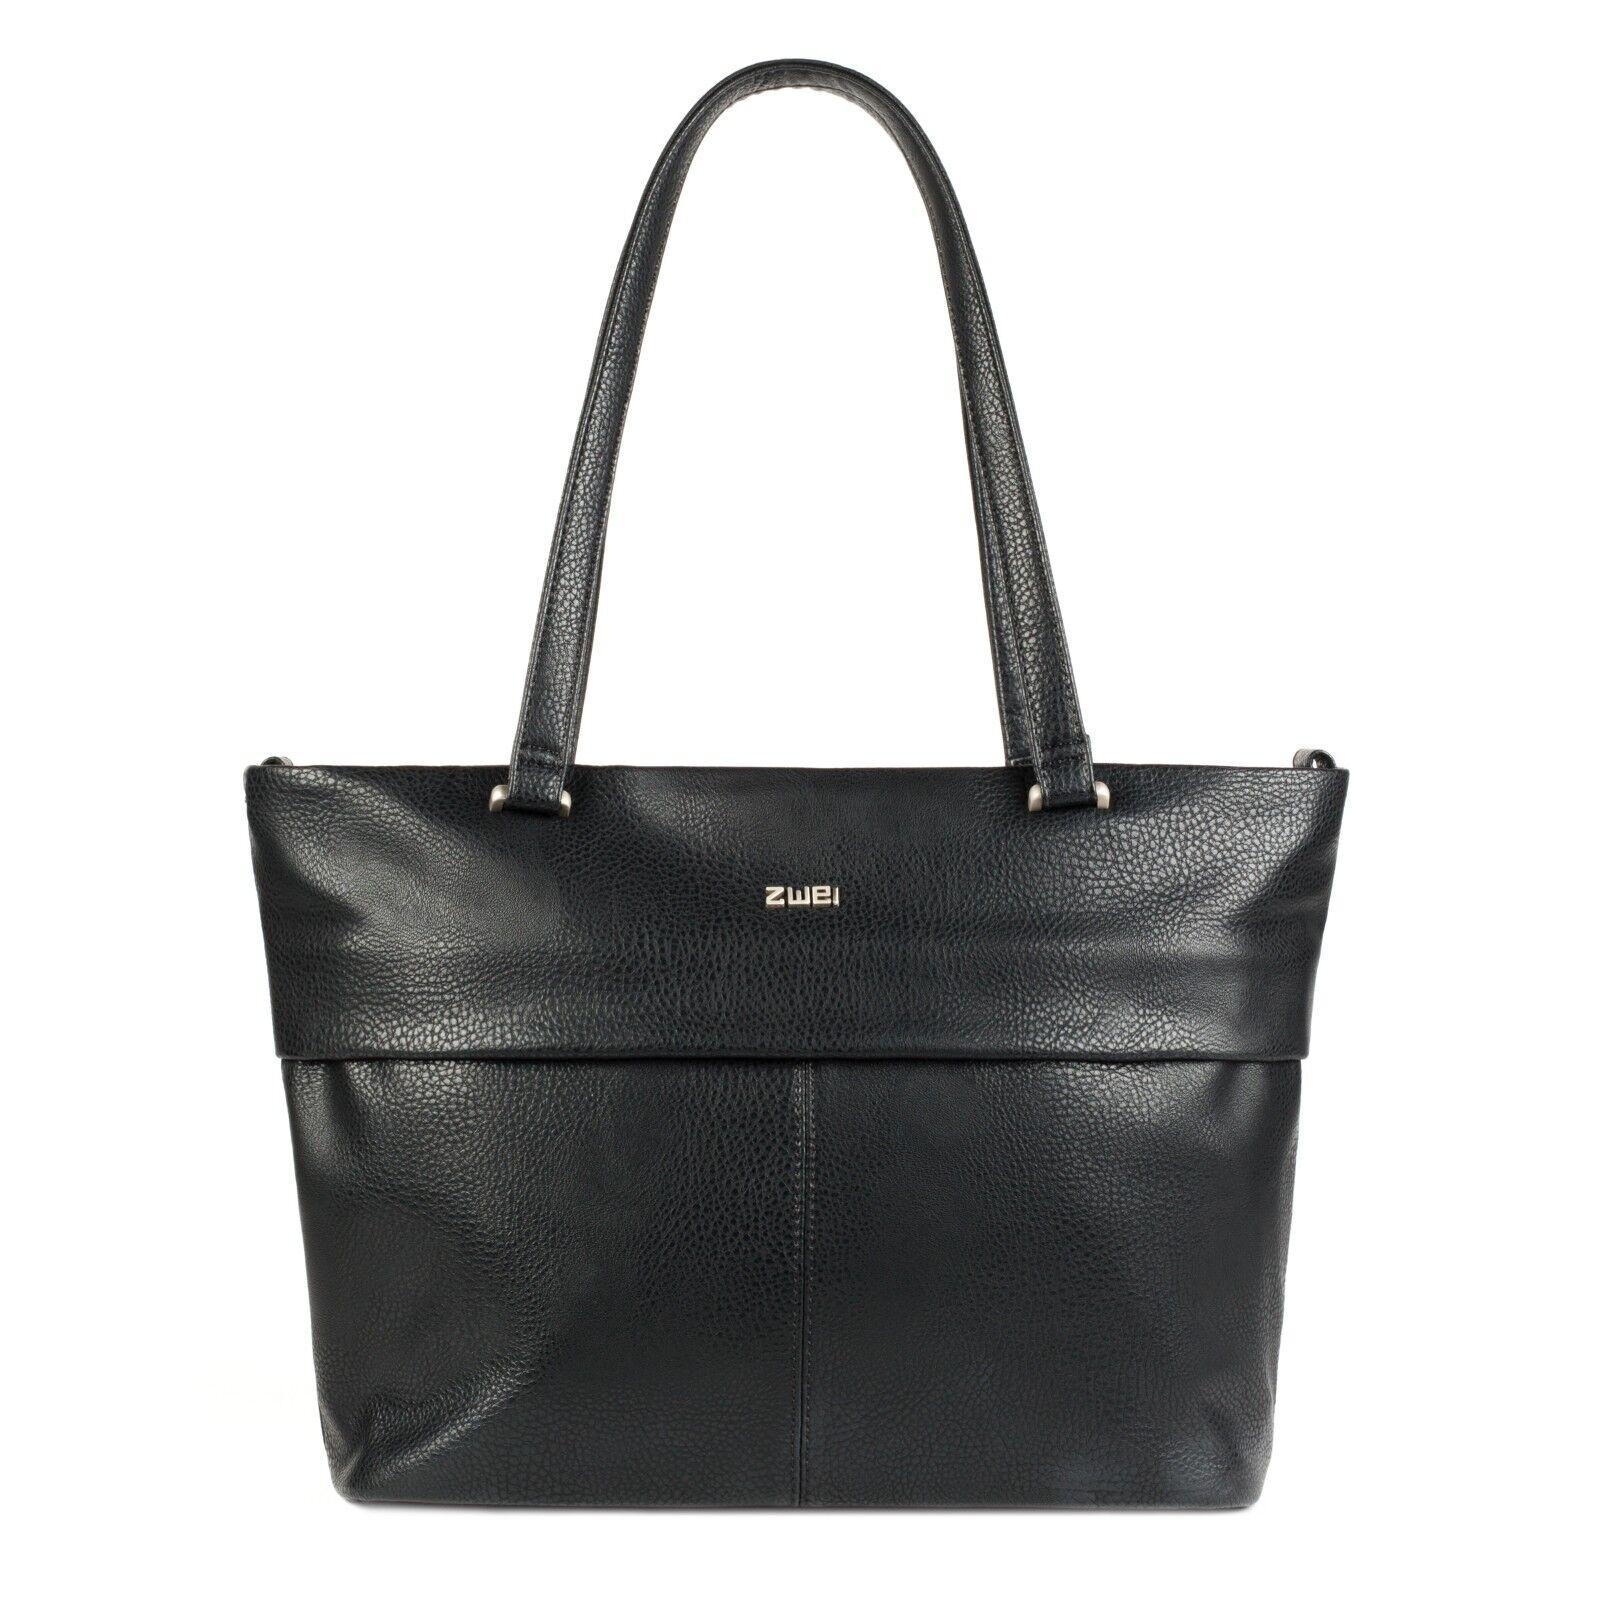 ZWEI Mademoiselle Mademoiselle Mademoiselle M15 schwarz schwarz Neu Shopper Tasche Schultertasche |   92db00